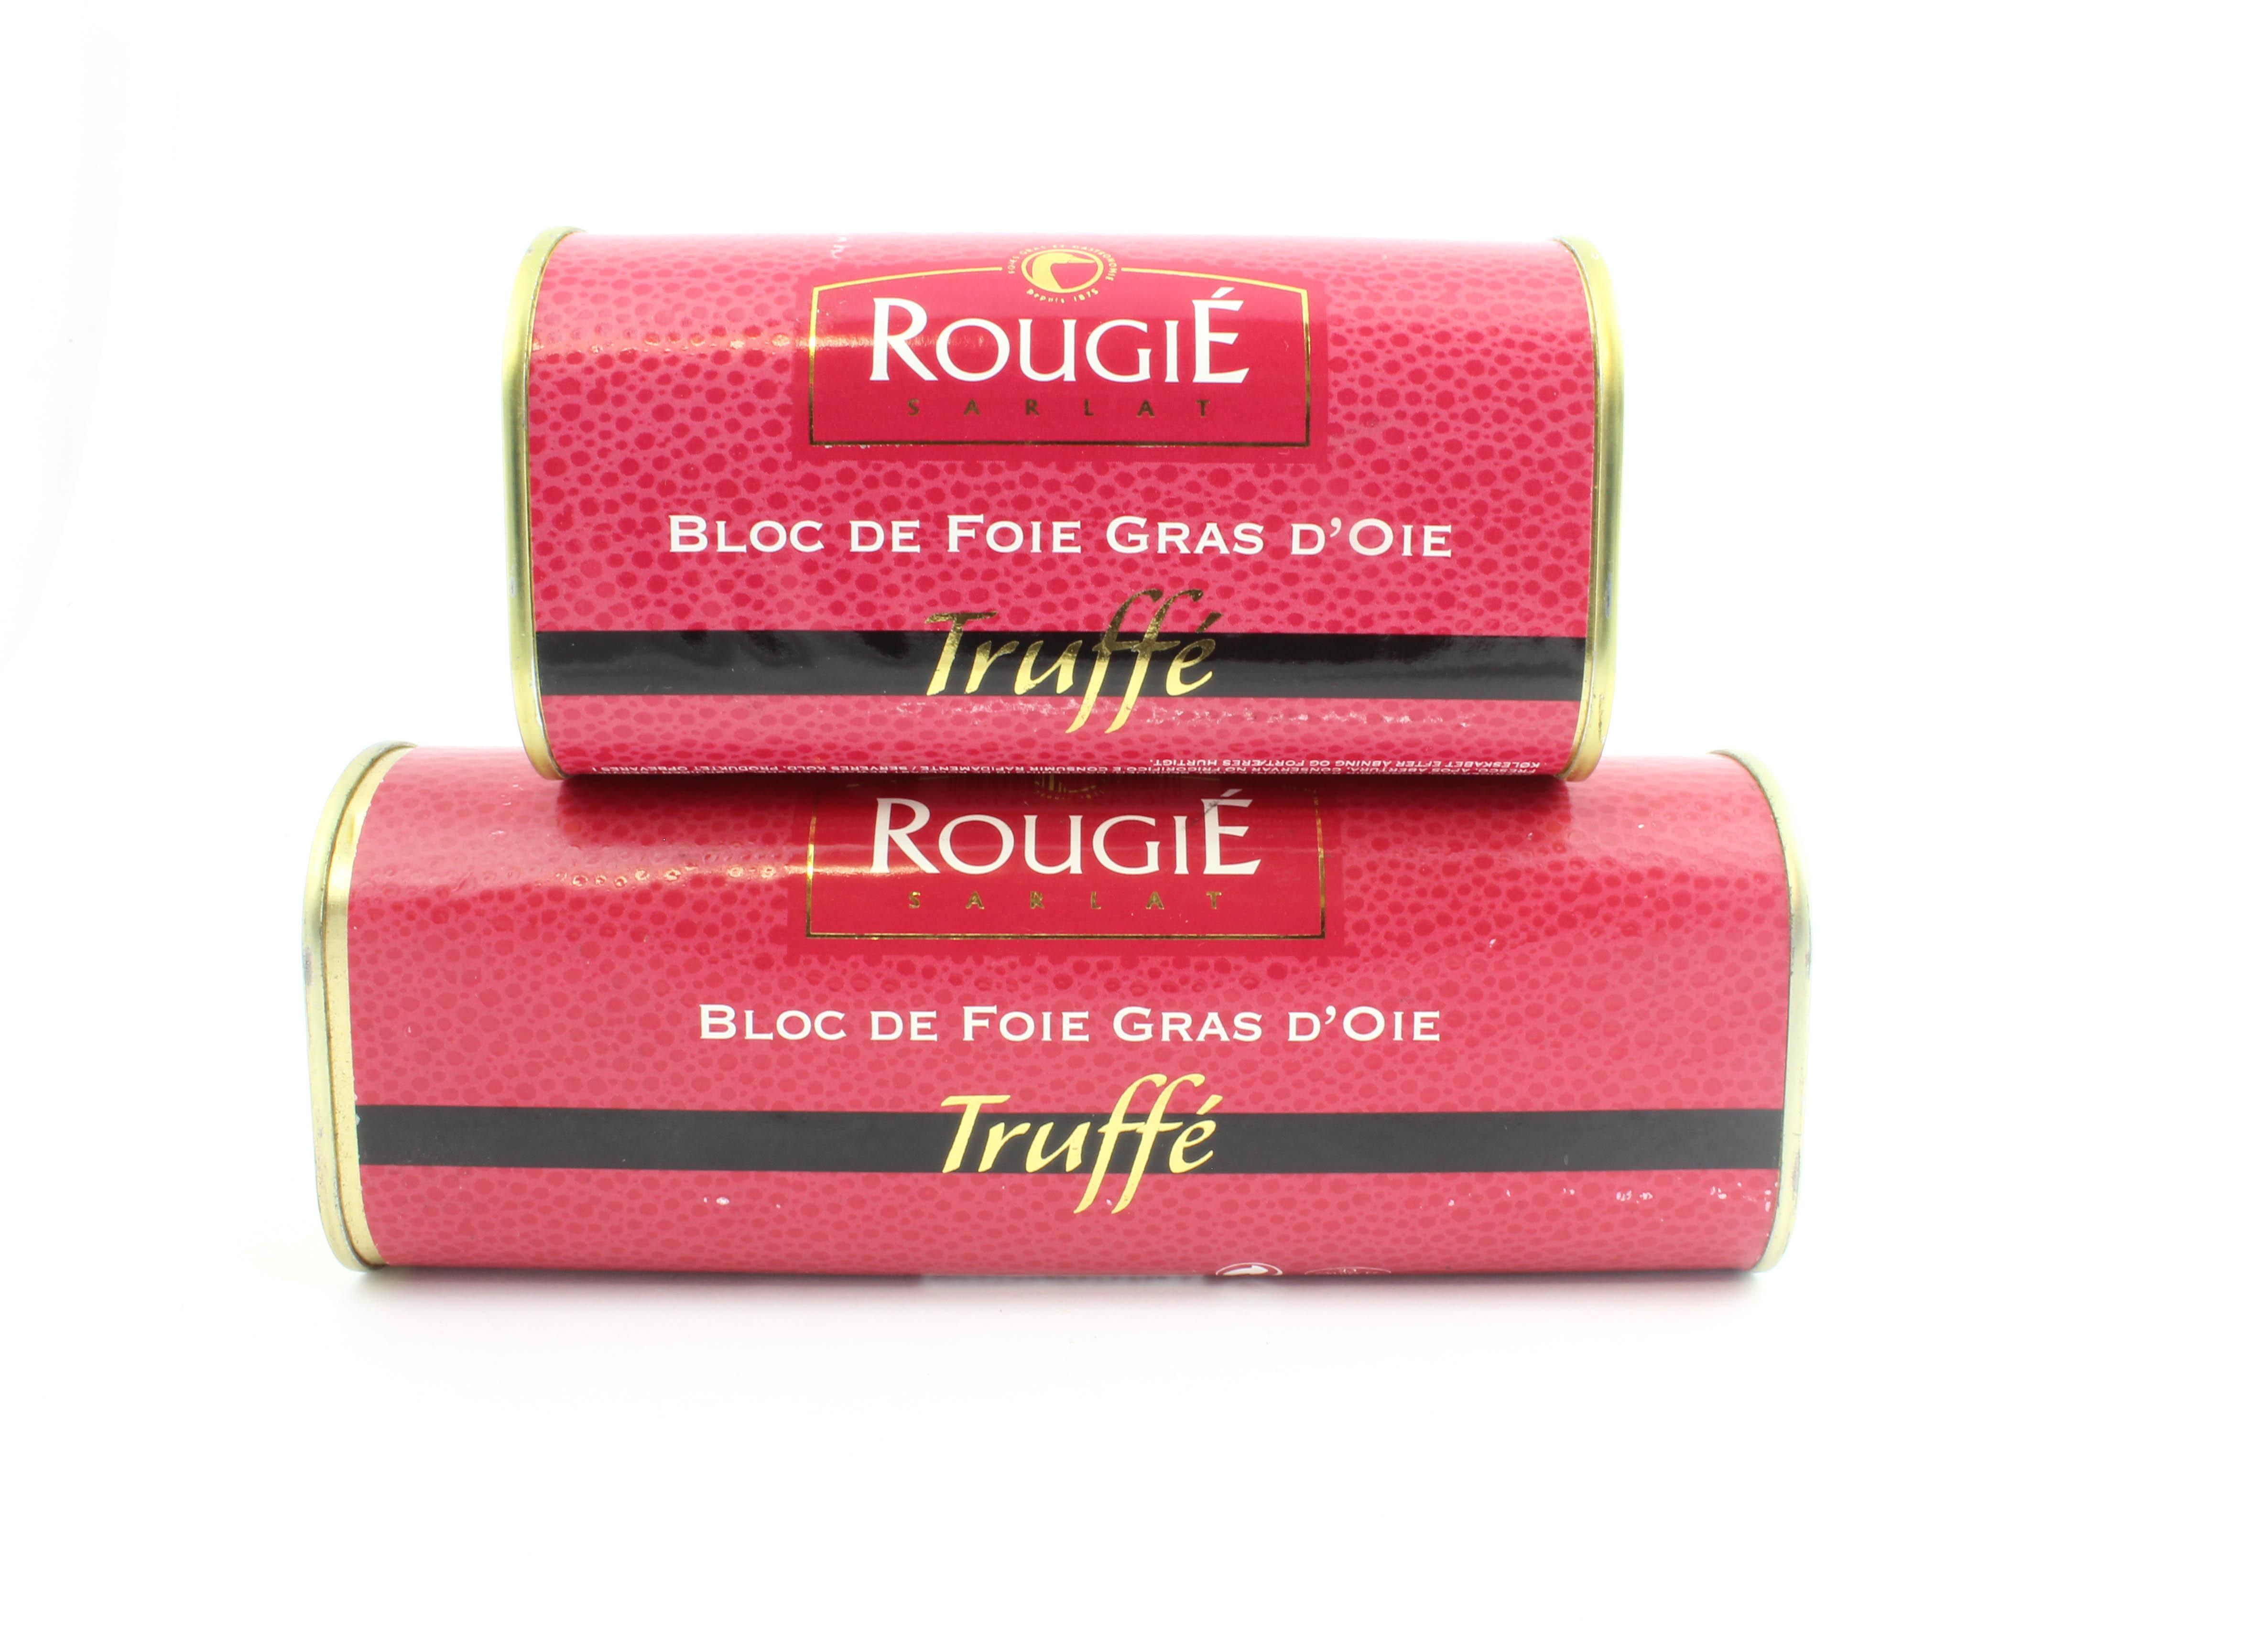 Bloc de Foie Gras d'oie Truffle 75g